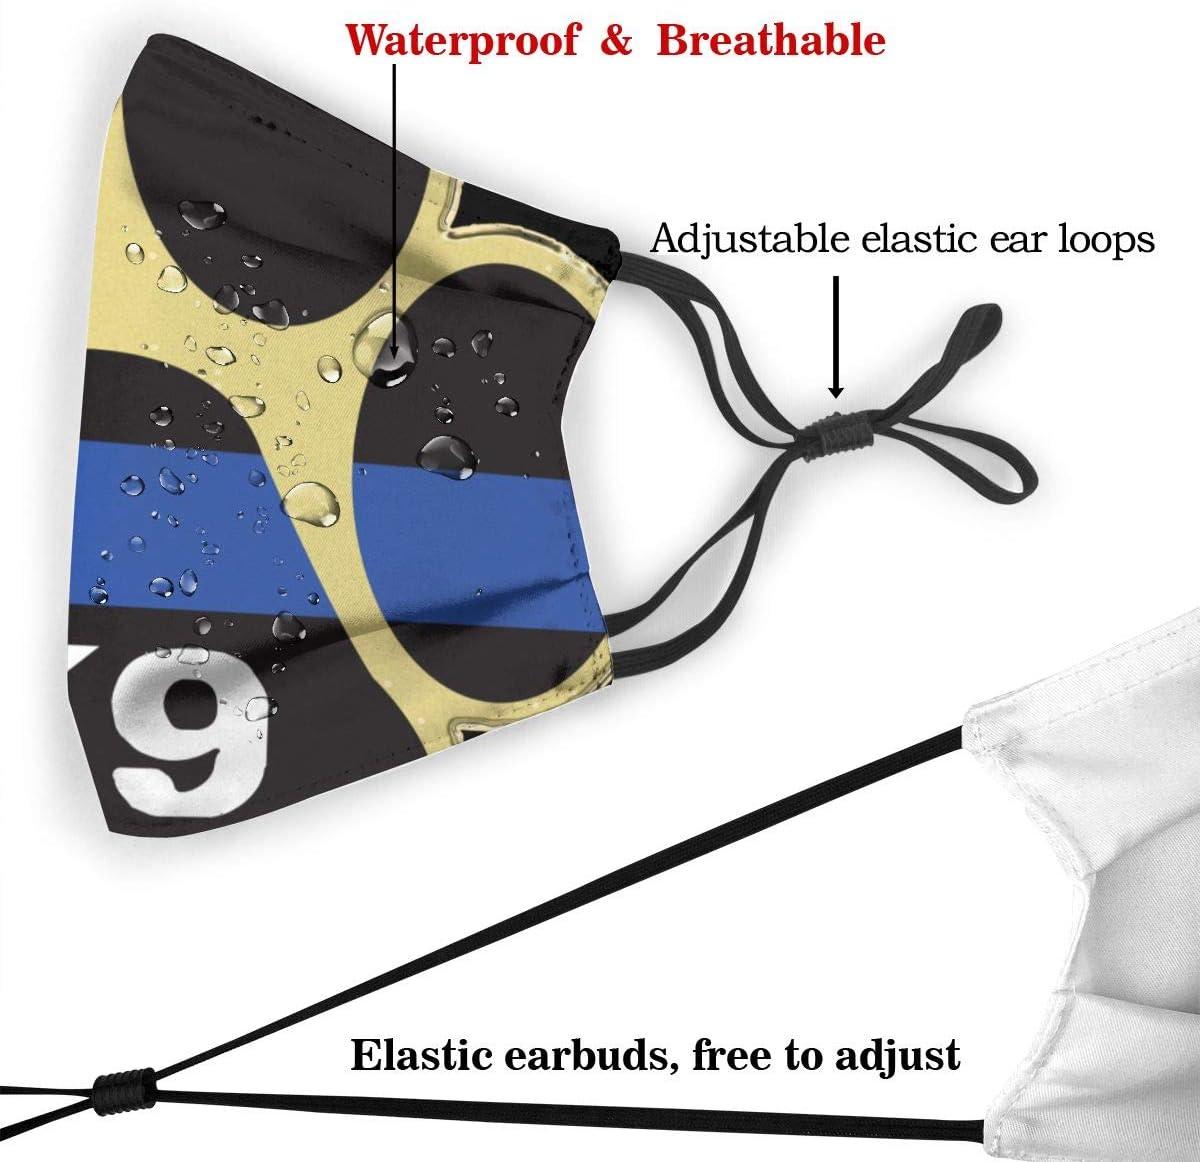 K-9 Unit Thin Blue Line Paw Unisex Moda Maschere Protettive Viso Anti Polvere Cotone Maschere Bocca Regolabile Sostituibile Lavabile S